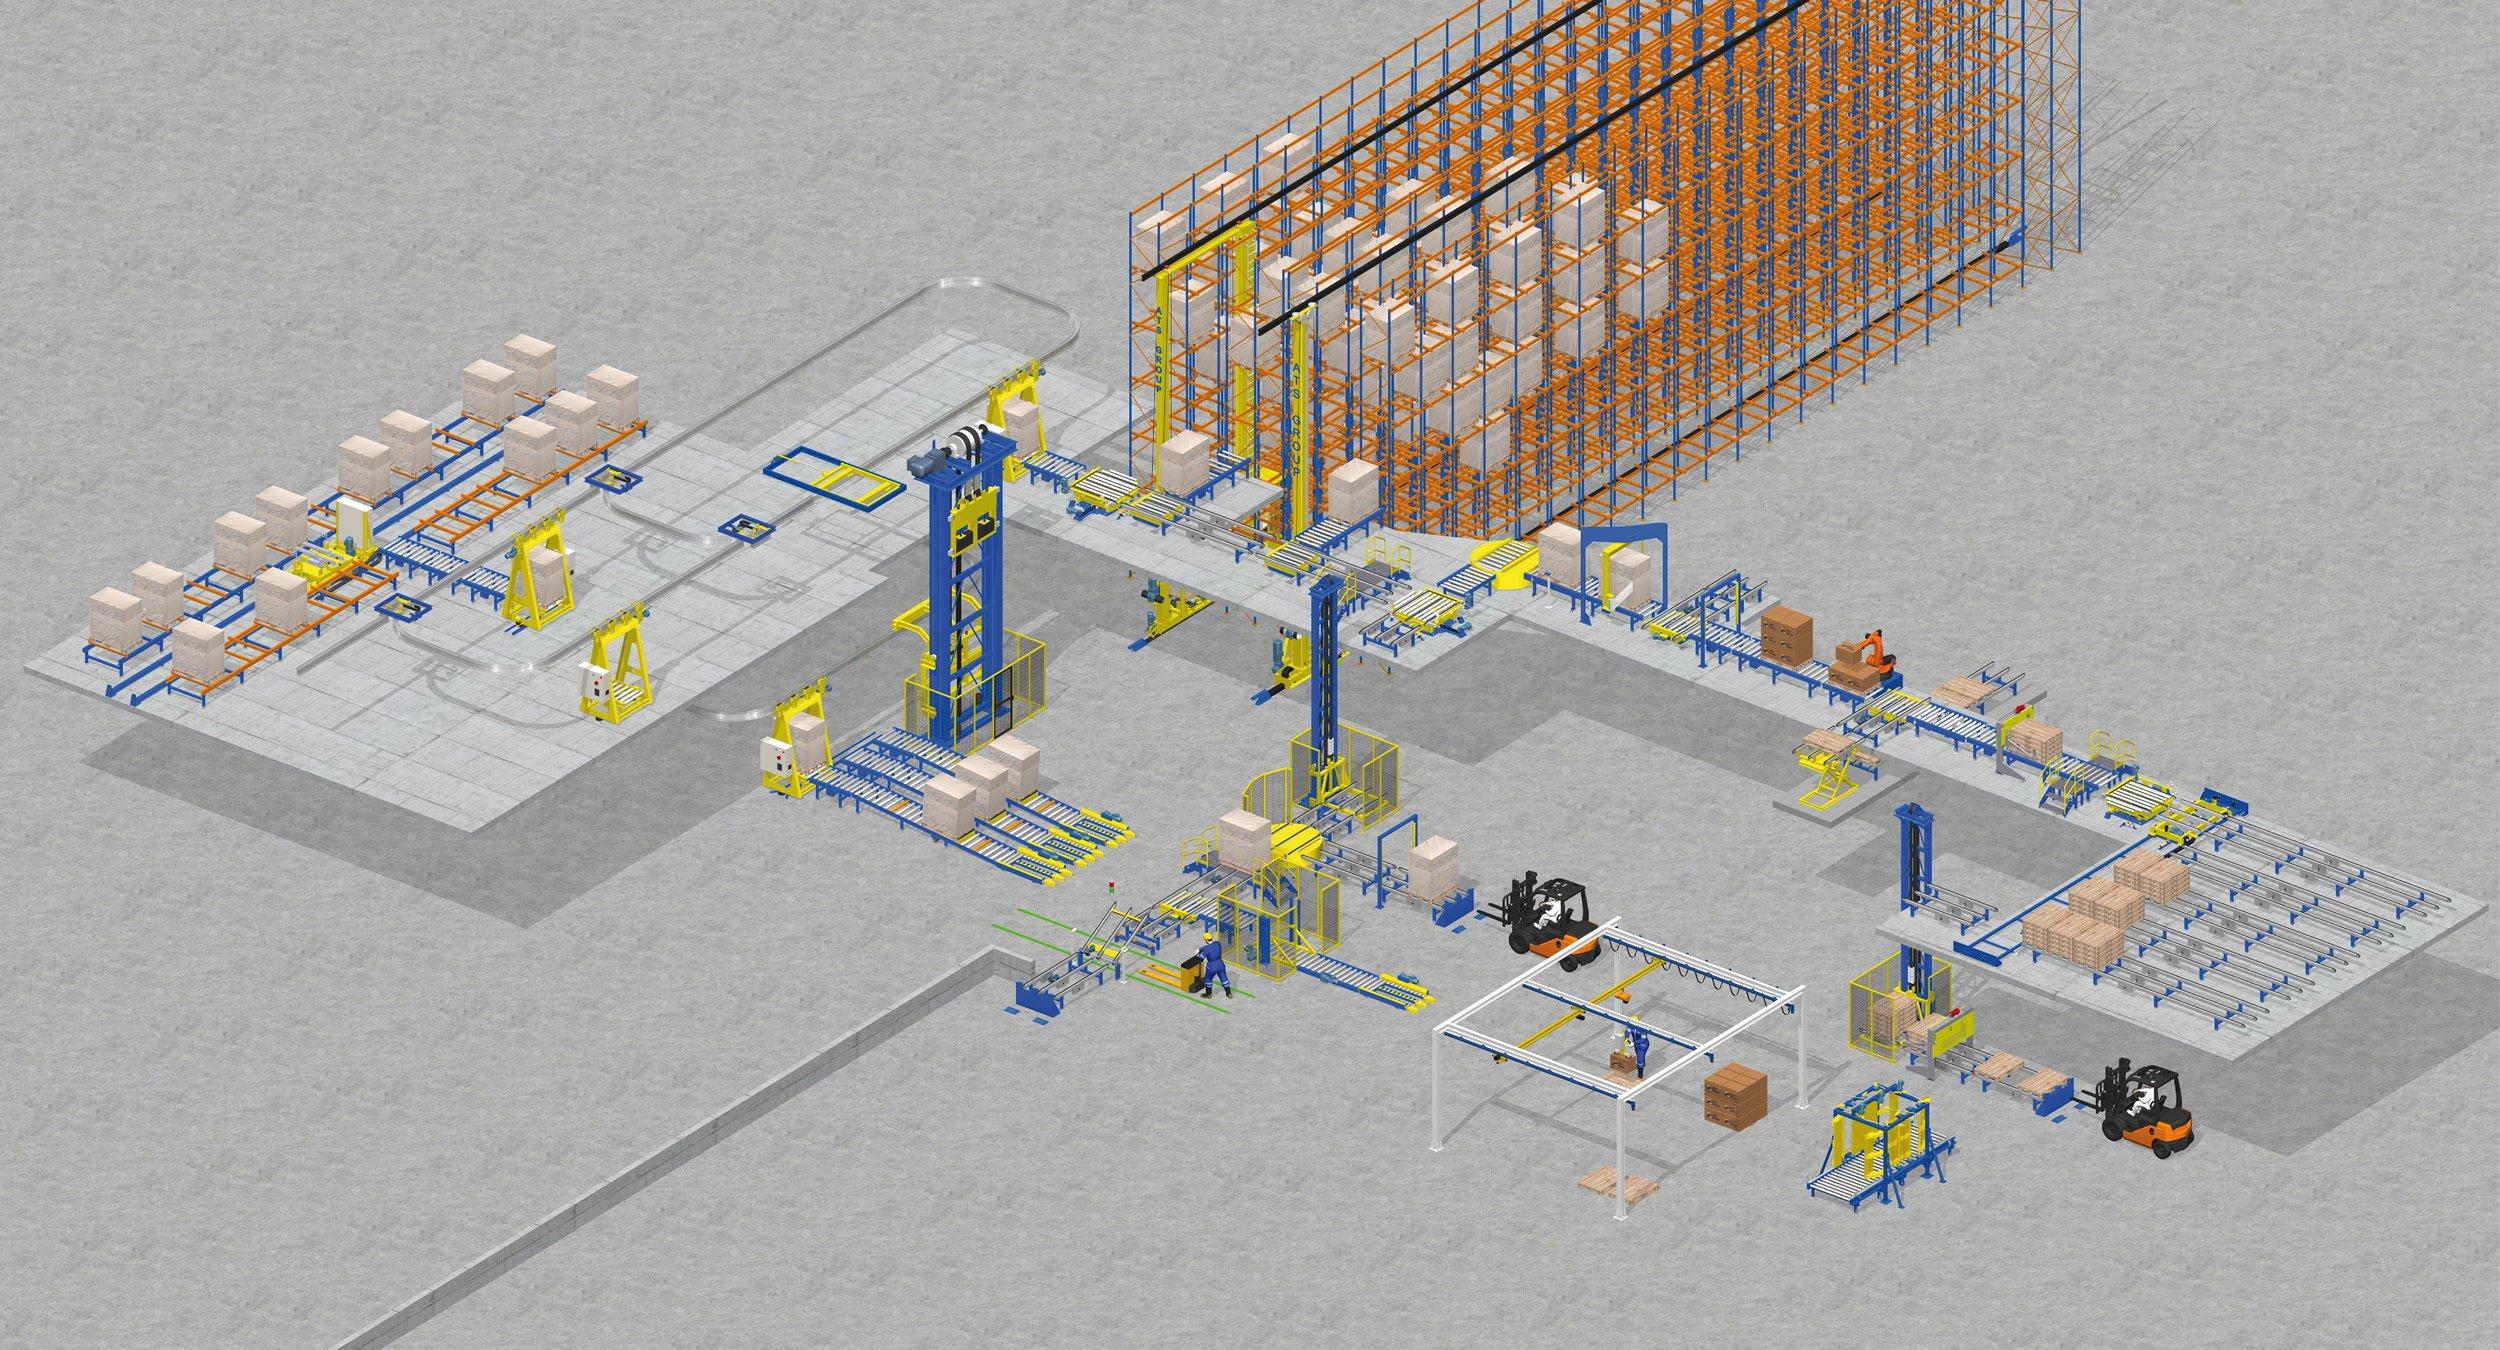 Pallet conveyor system workshop